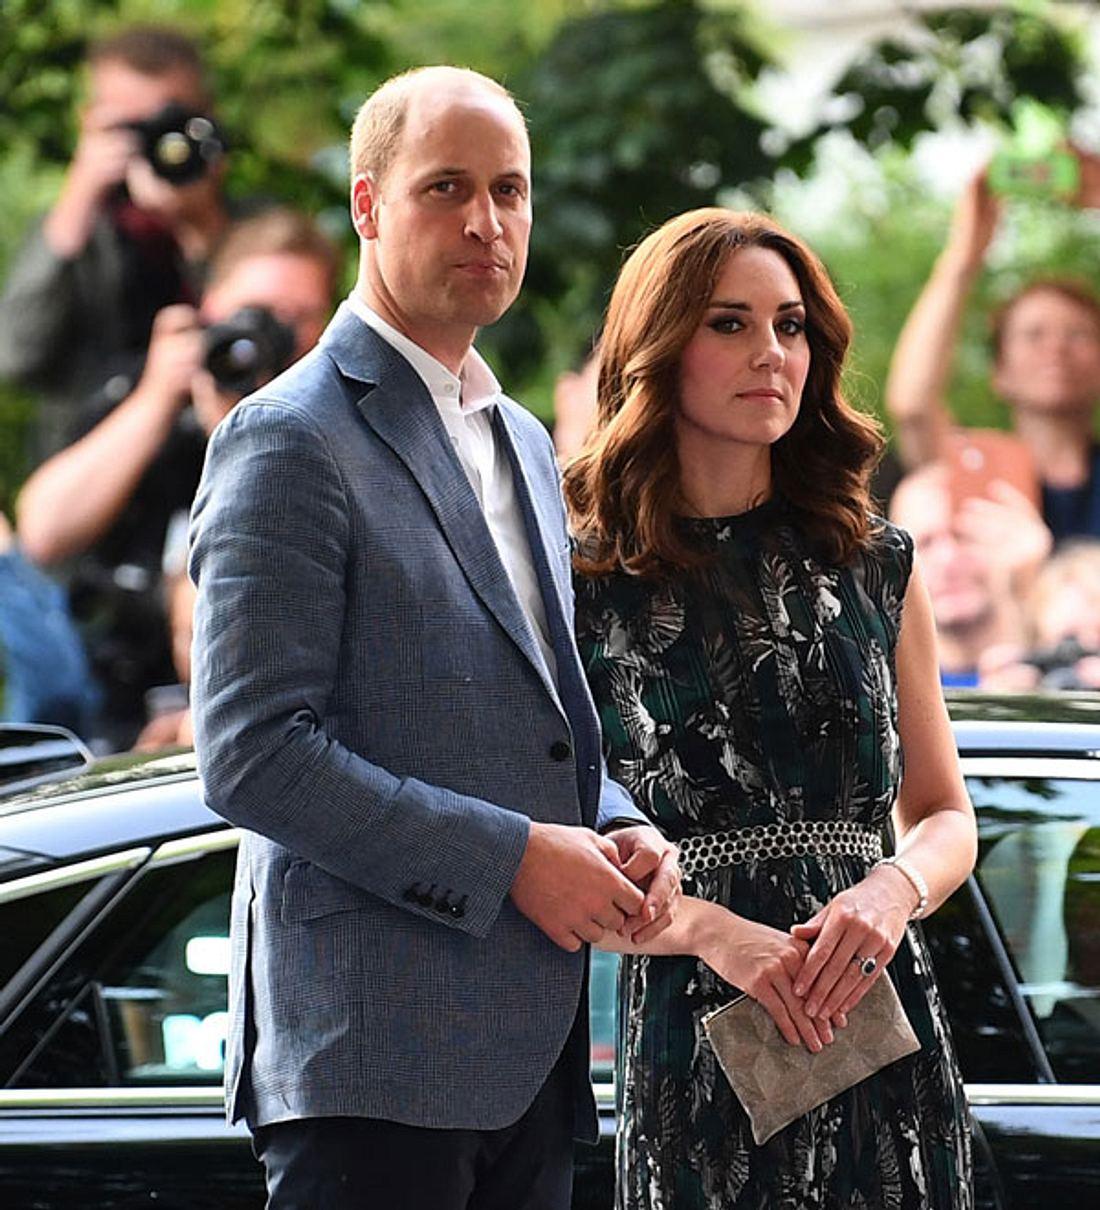 Herzogin Kate & Prinz William: Trauriger Abschied! Sie zieht sich aus der Öffentlichkeit zurück!